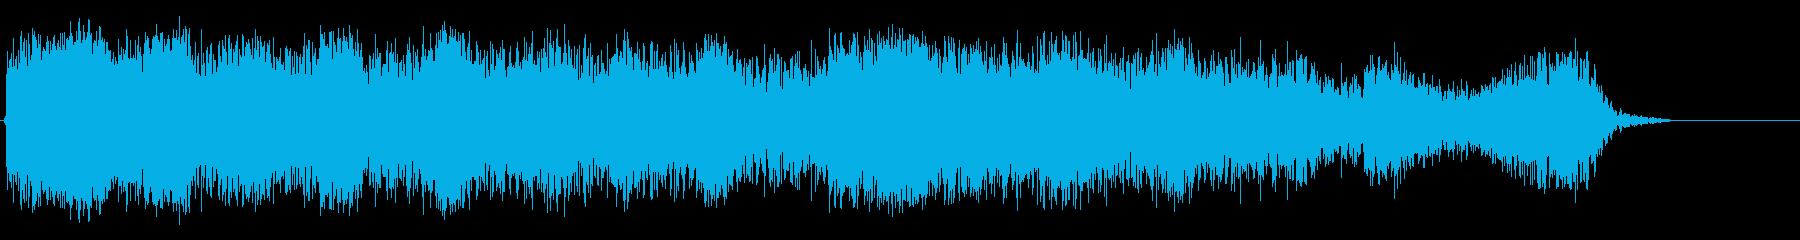 バックワークスの再生済みの波形